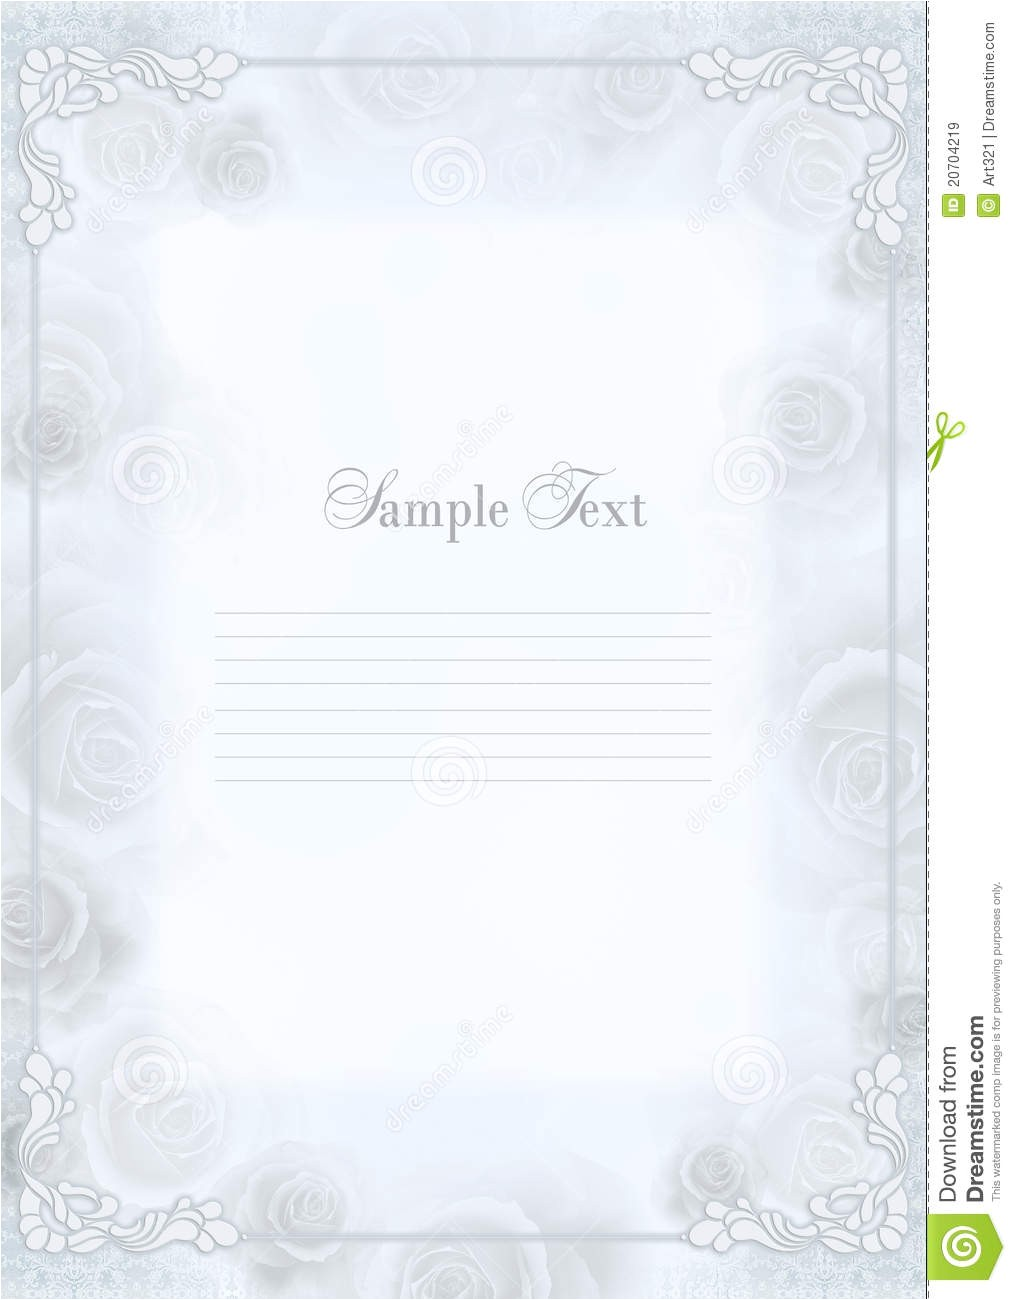 royalty free stock images wedding invitation frame image20704219